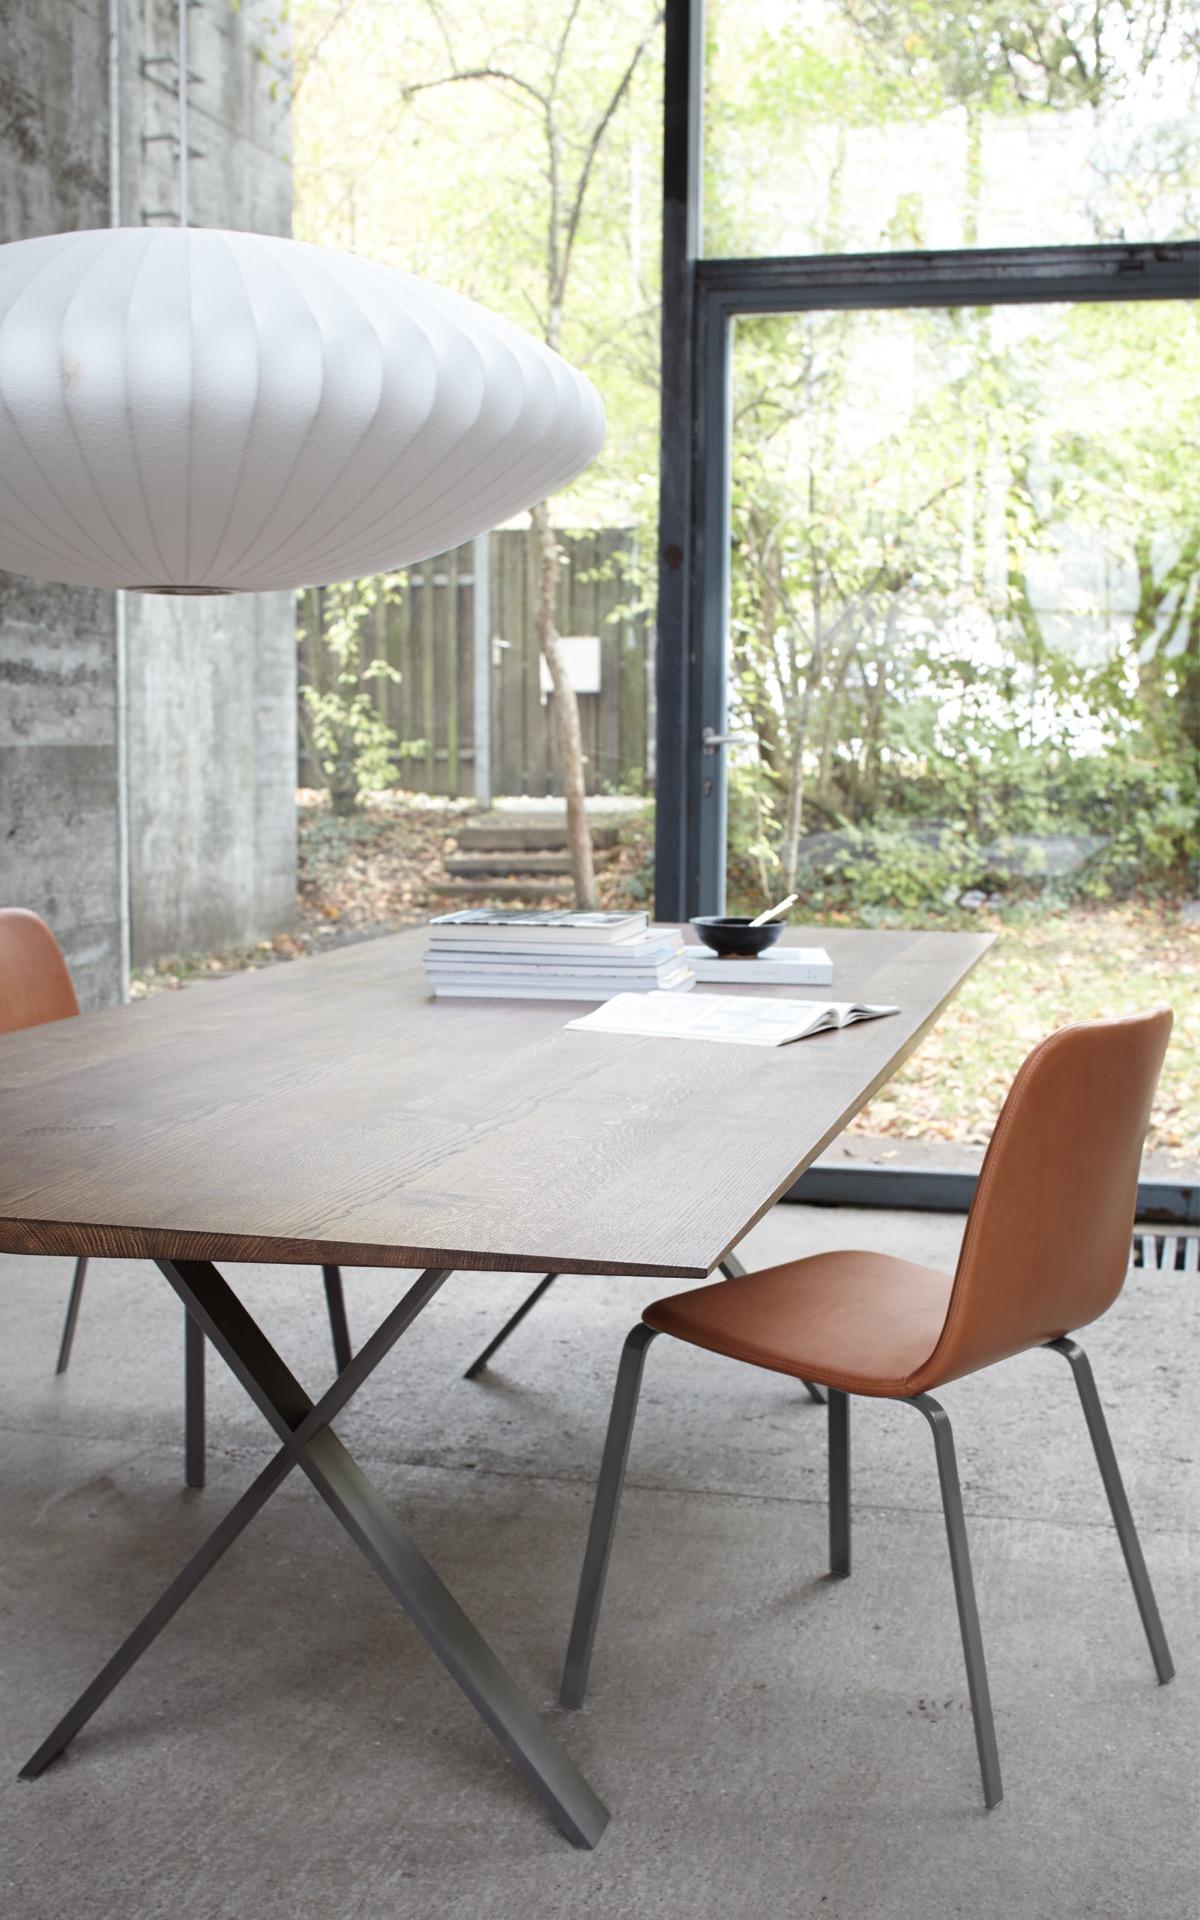 Schönes Ambiente Bild vom hamburger Möbel Hersteller More